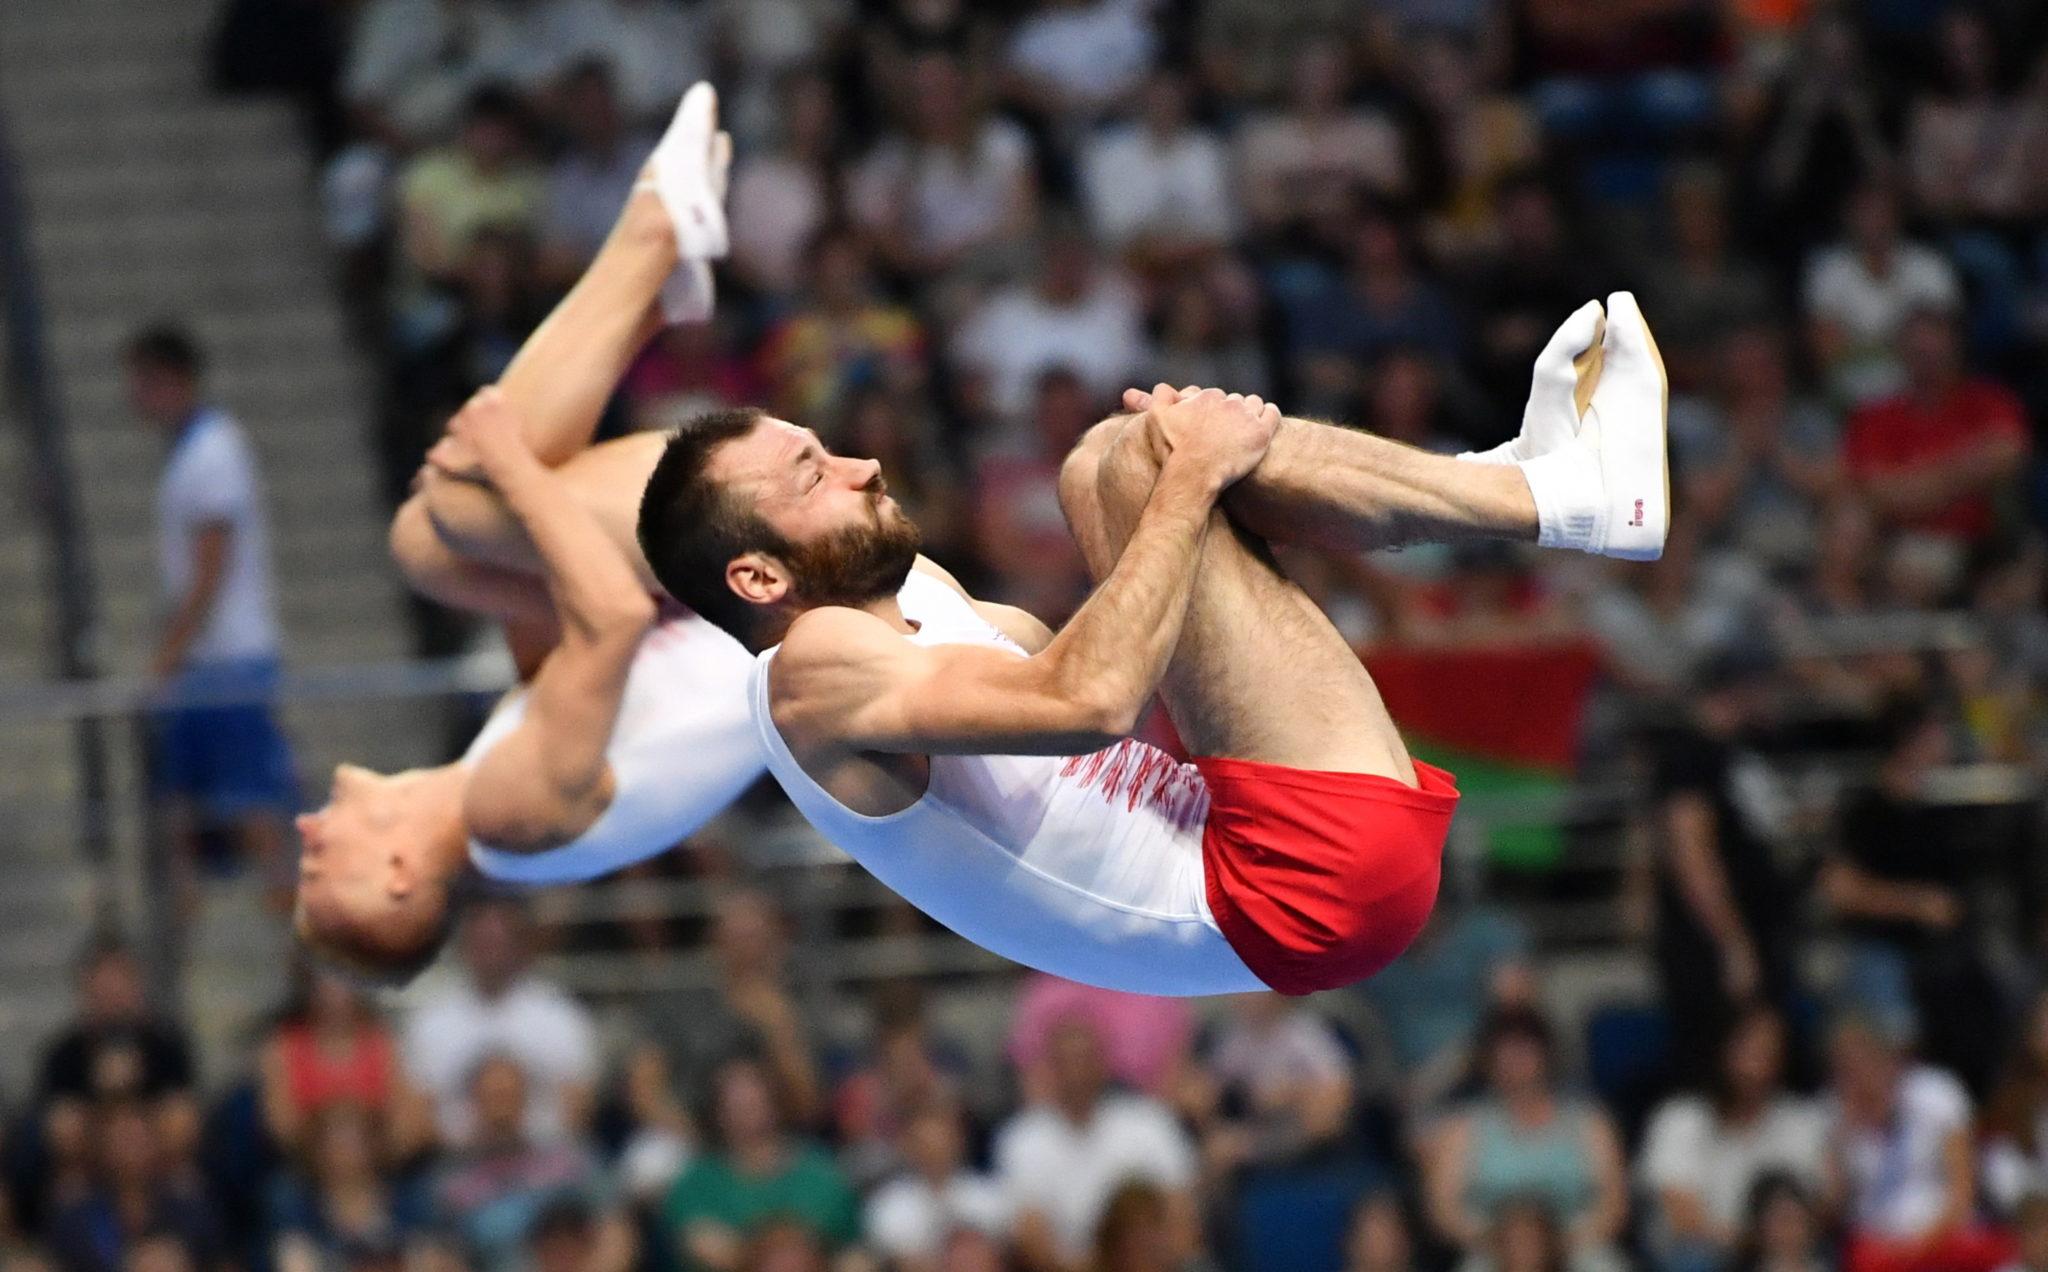 To pierwszy medal wywalczony przez biało-czerwonych na tej imprezie. Drugie miejsce zajęli Ukraińcy, a trzecie Francuzi, fot. Piotr Nowak, PAP